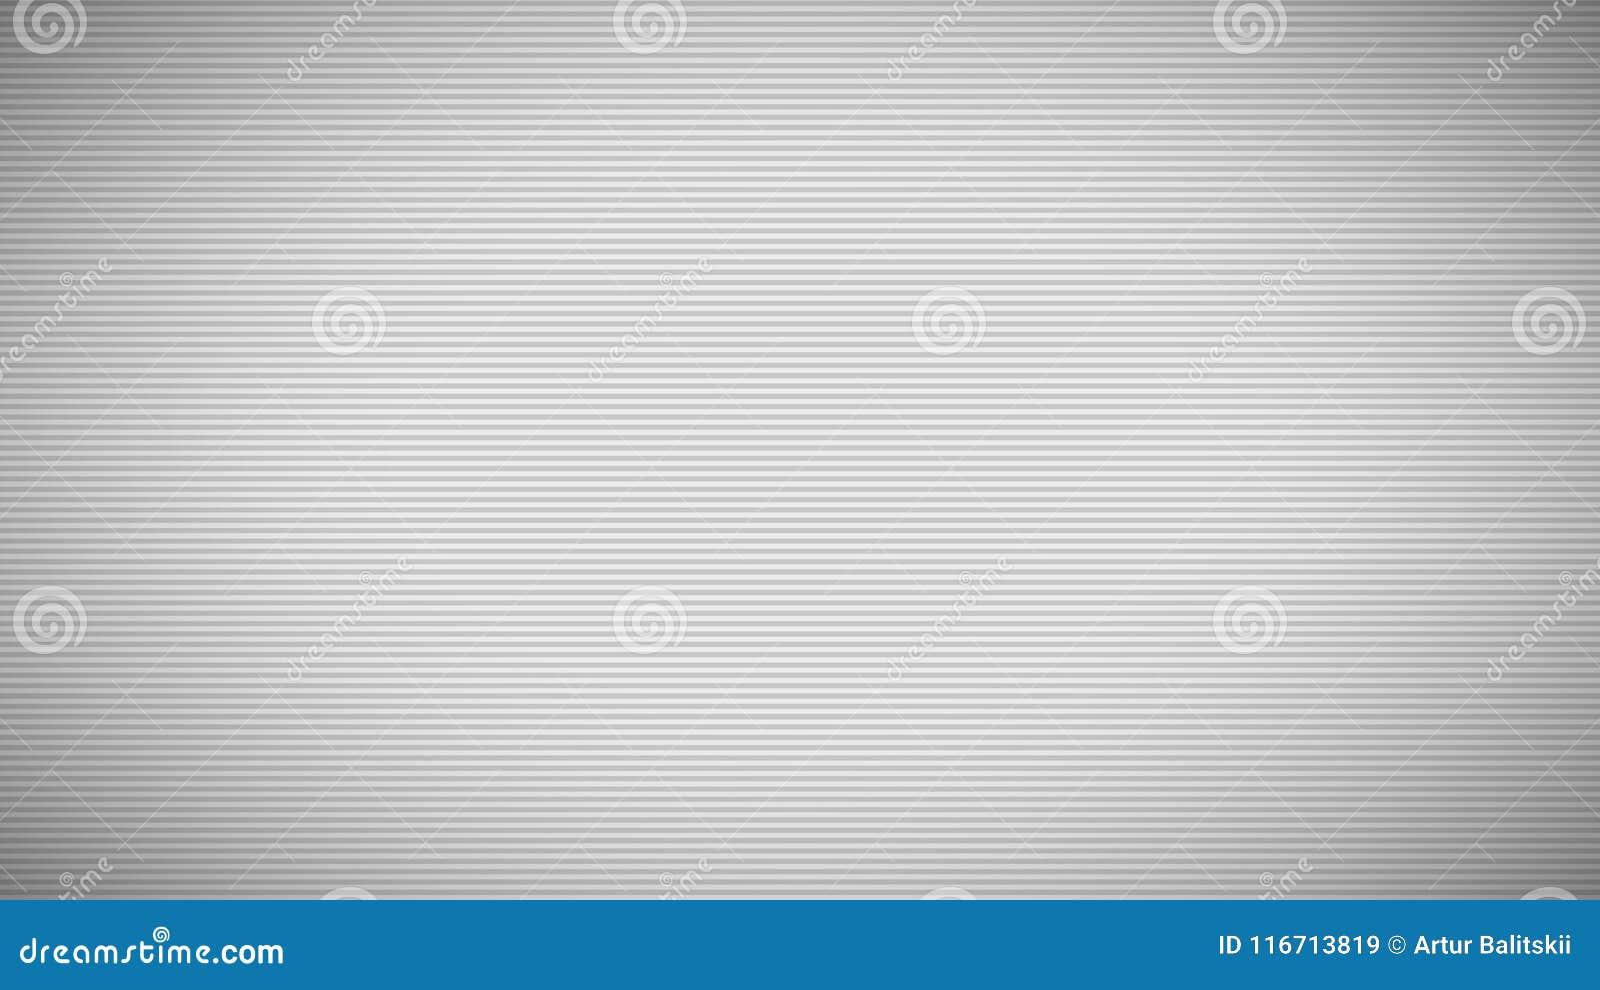 Ausgezeichnet Uppababy Vista Rahmen Gebrochen Fotos - Bilderrahmen ...